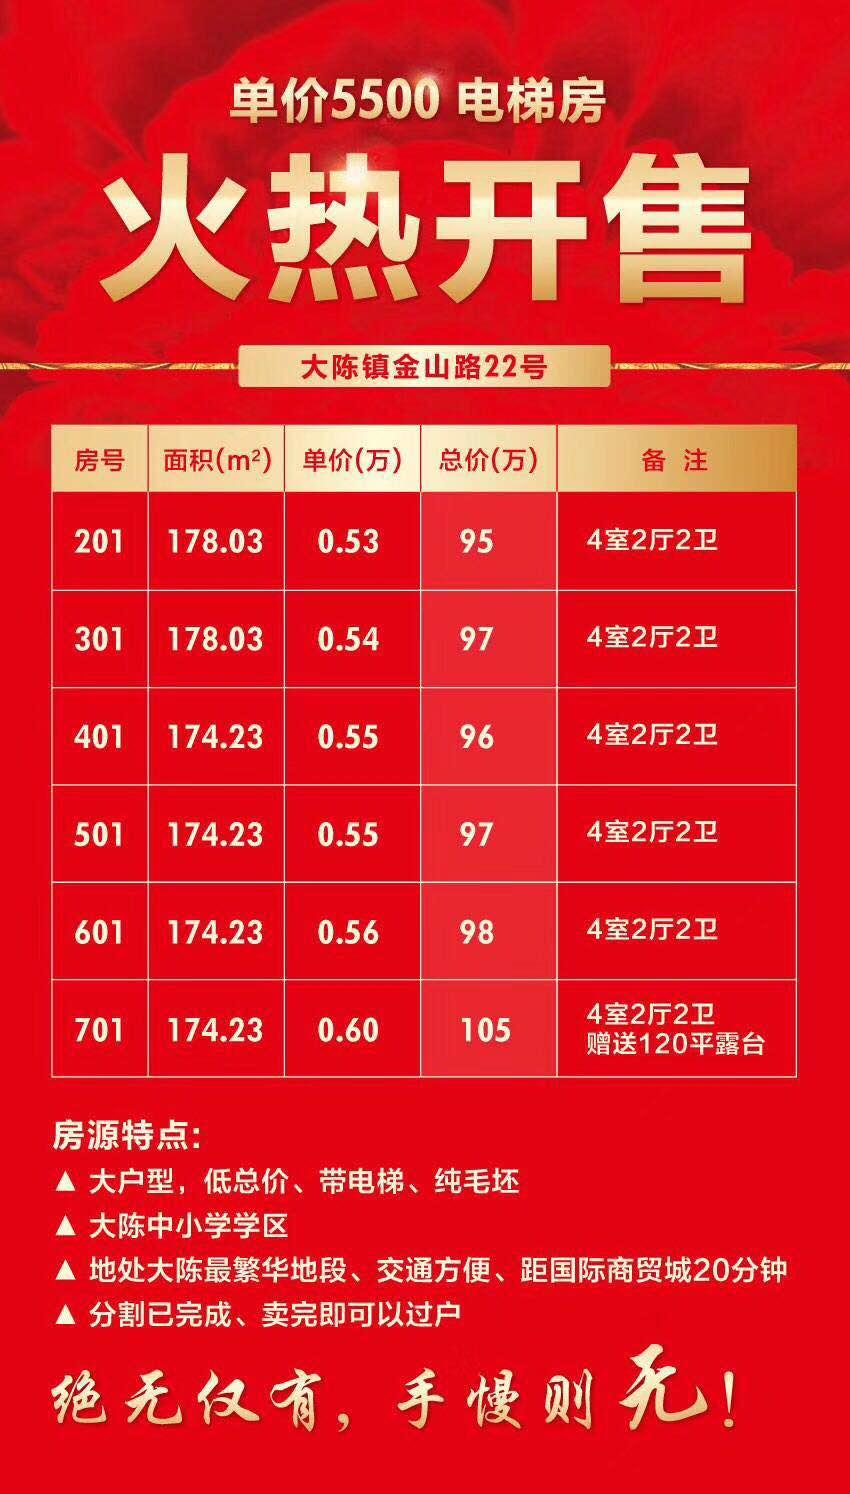 义乌单价5500的电梯房火热开售!市面上绝无仅有!手慢无!是